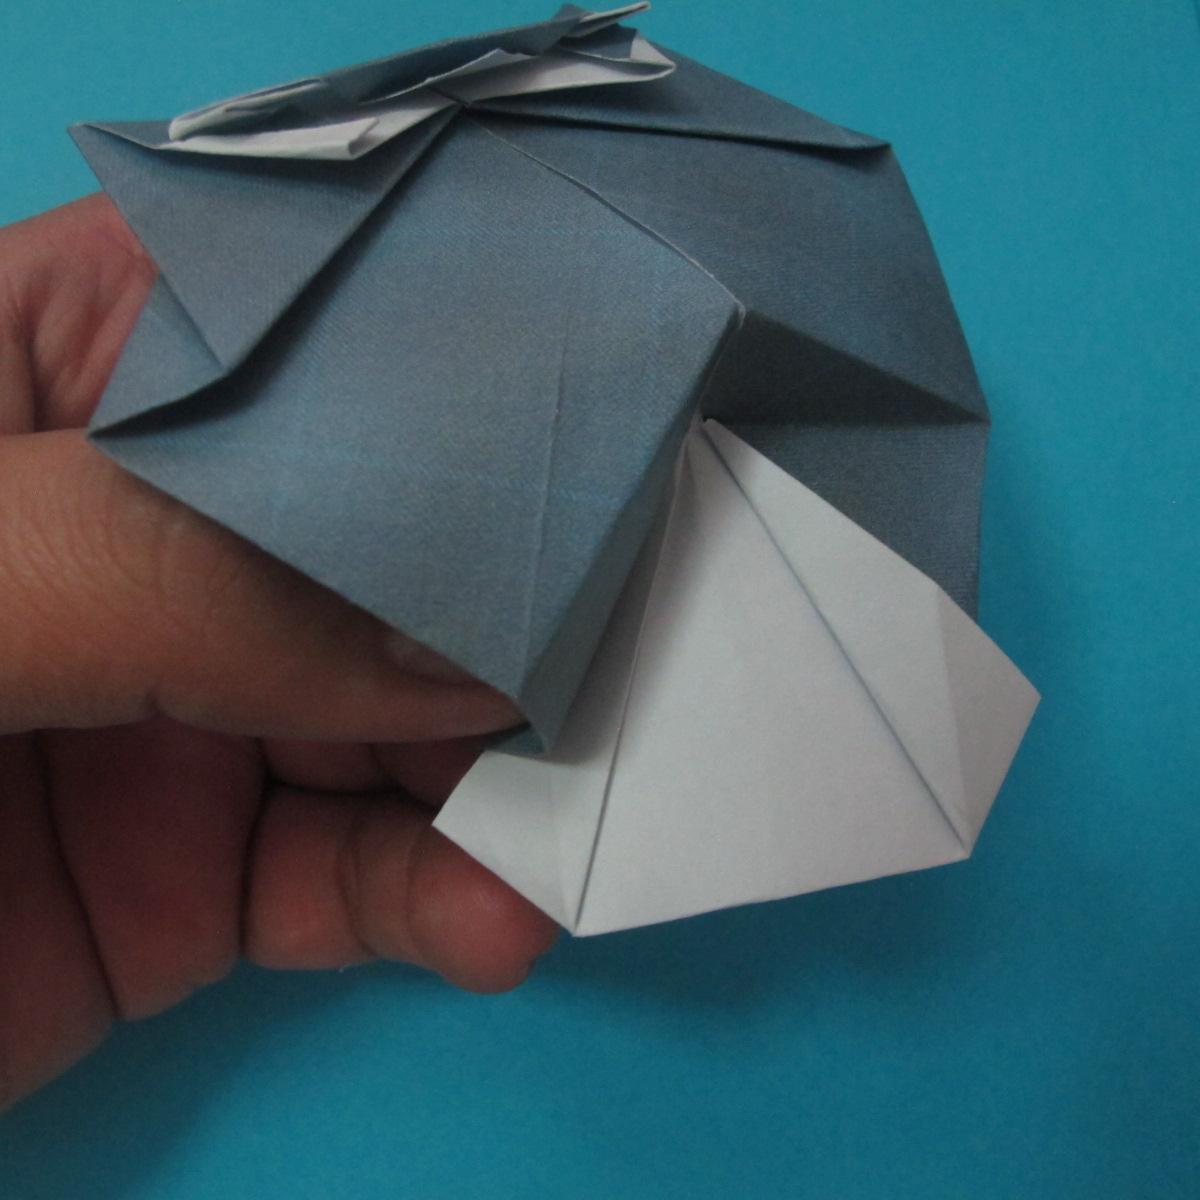 วิธีการพับกระดาษเป็นรูปนกเค้าแมว 030